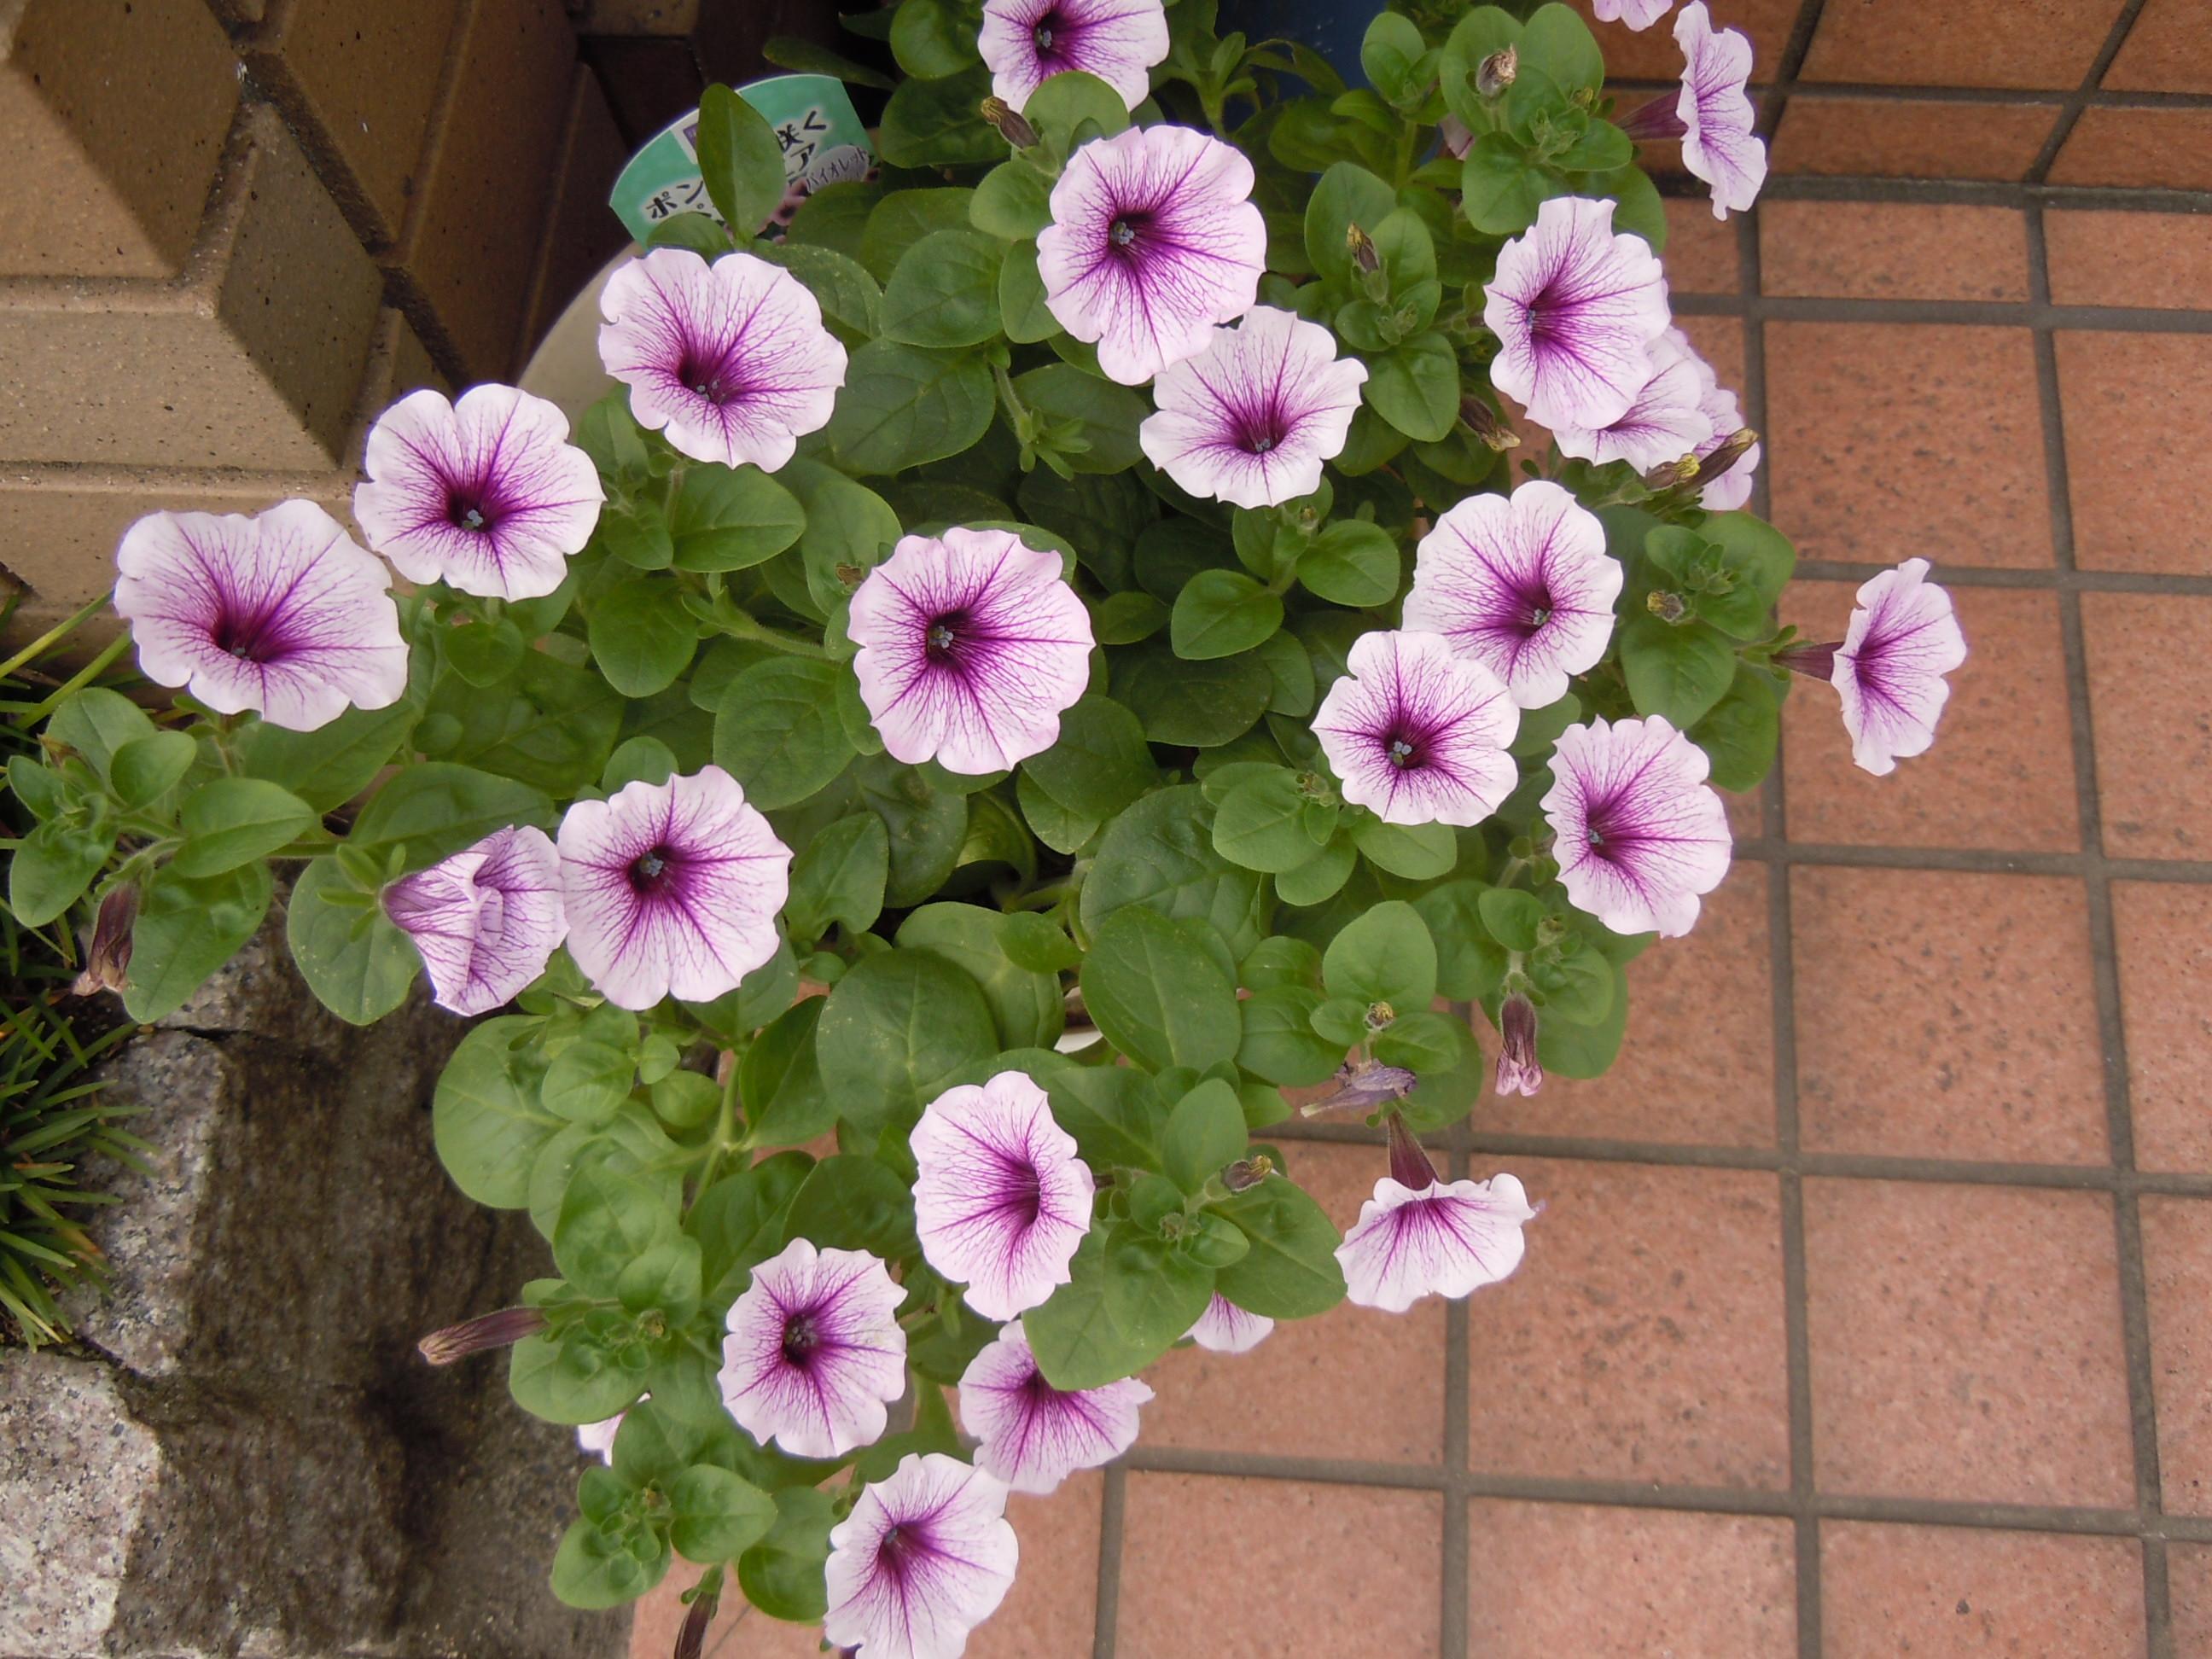 http://www.ige.tohoku.ac.jp/mirai/news/upload_items/201207/DSCN2968.JPG